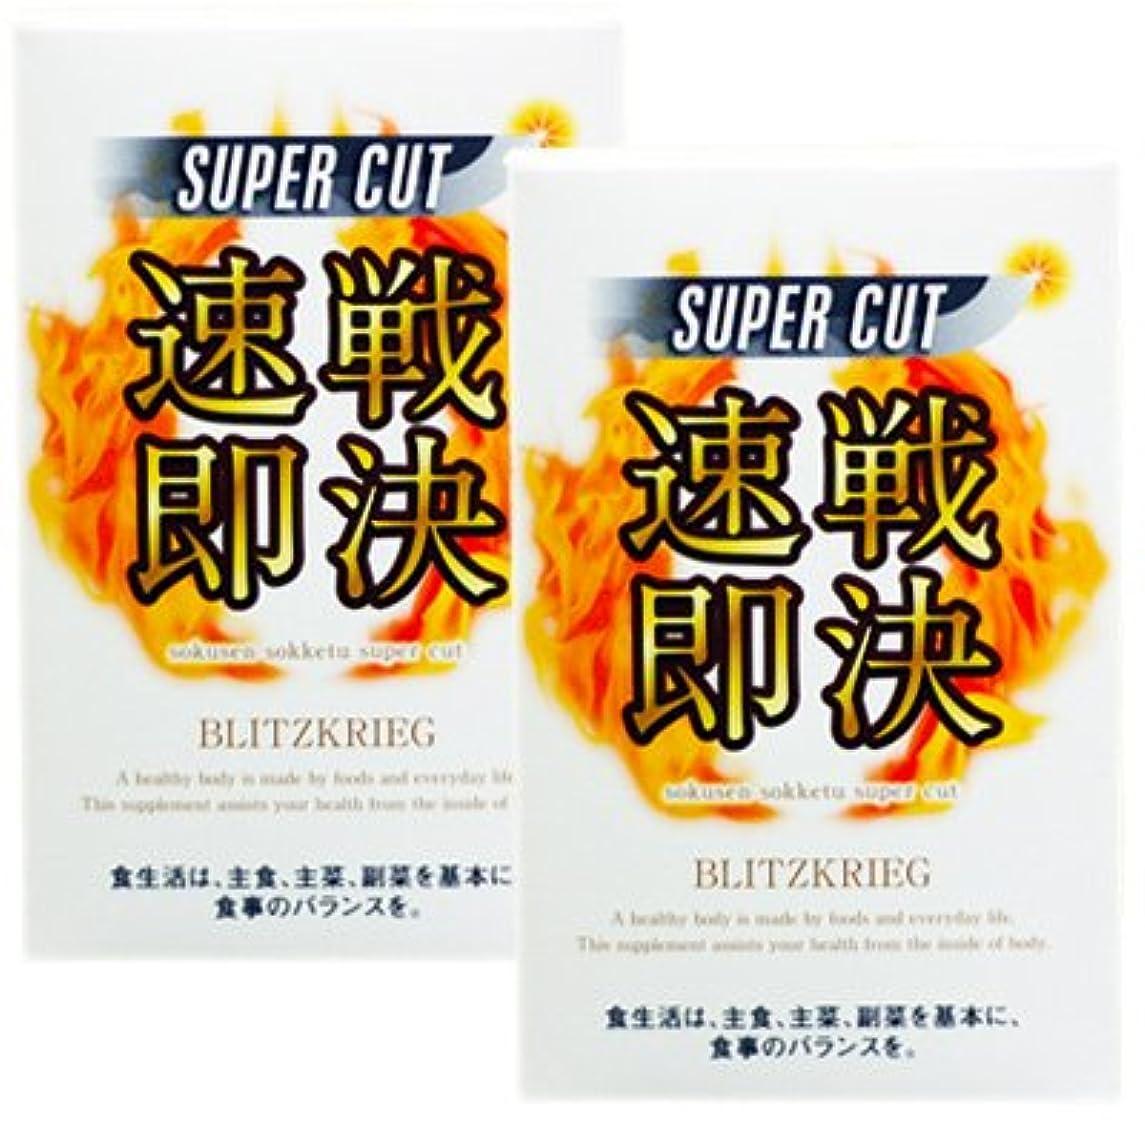 憂慮すべき飽和する暴徒速戦即決 スーパーカット2個セット! そくせんそっけつ×2個 SUPER CUT